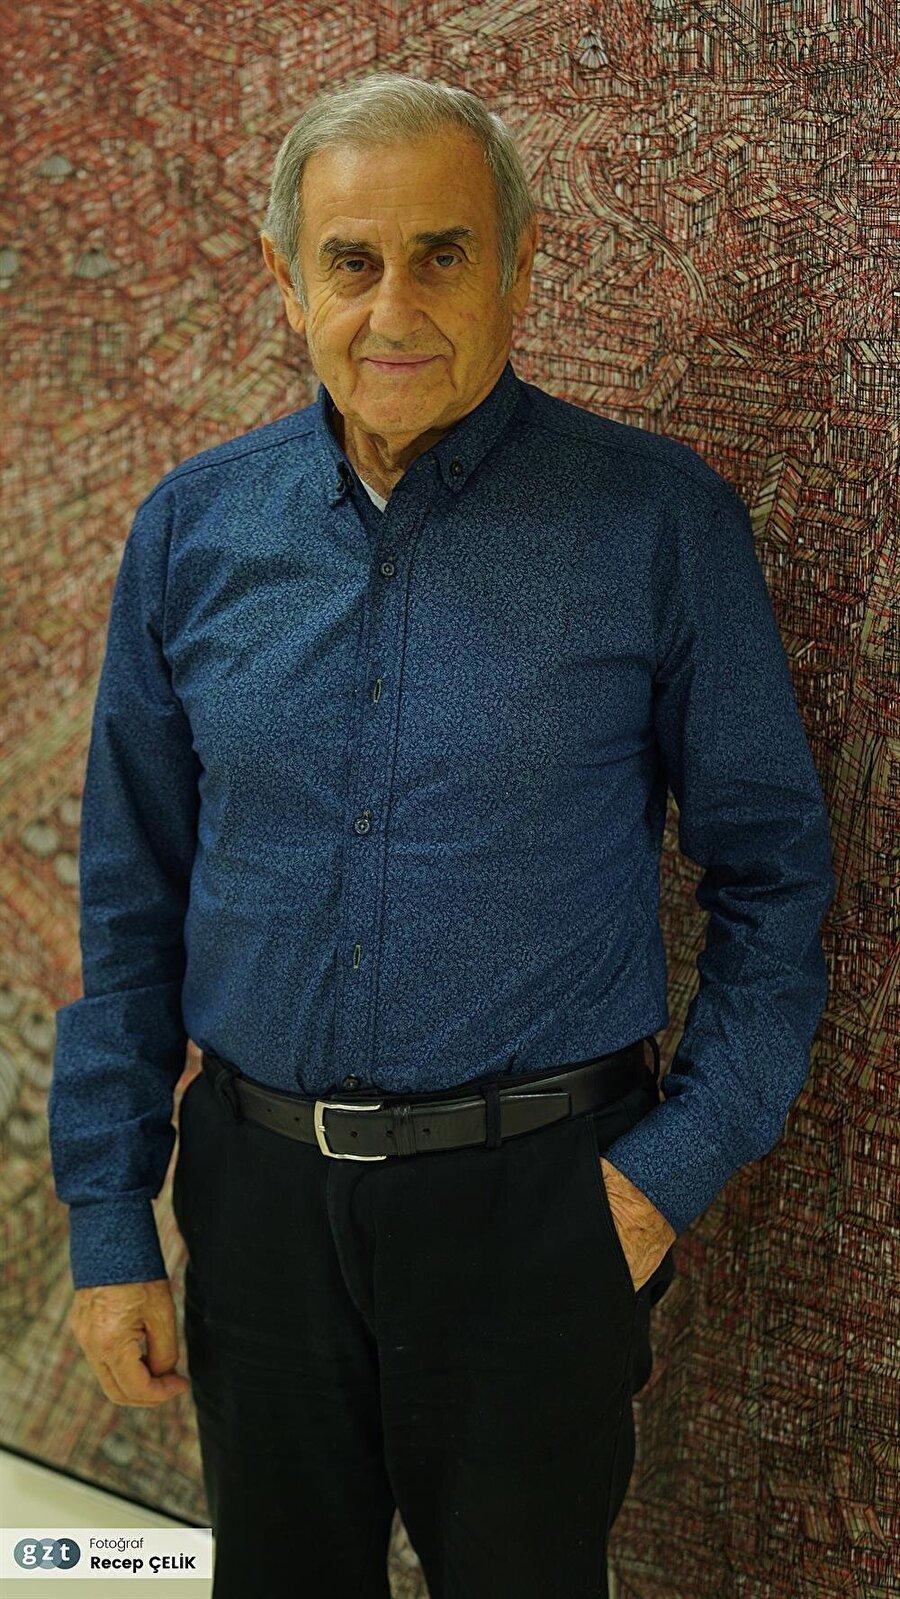 1985'de Mimar Sinan Üniversitesi, Güzel Sanatlar Fakültesi Resim Bölümü Başkanlığı,1988'de Yıldız Üniversitesi Güzel Sanatlar Bölümü Başkanlığı,1990 yılında Mimar Sinan Üniversitesi Güzel Sanatlar Fakültesi Dekan Yardımcılığı görevine getirildi.